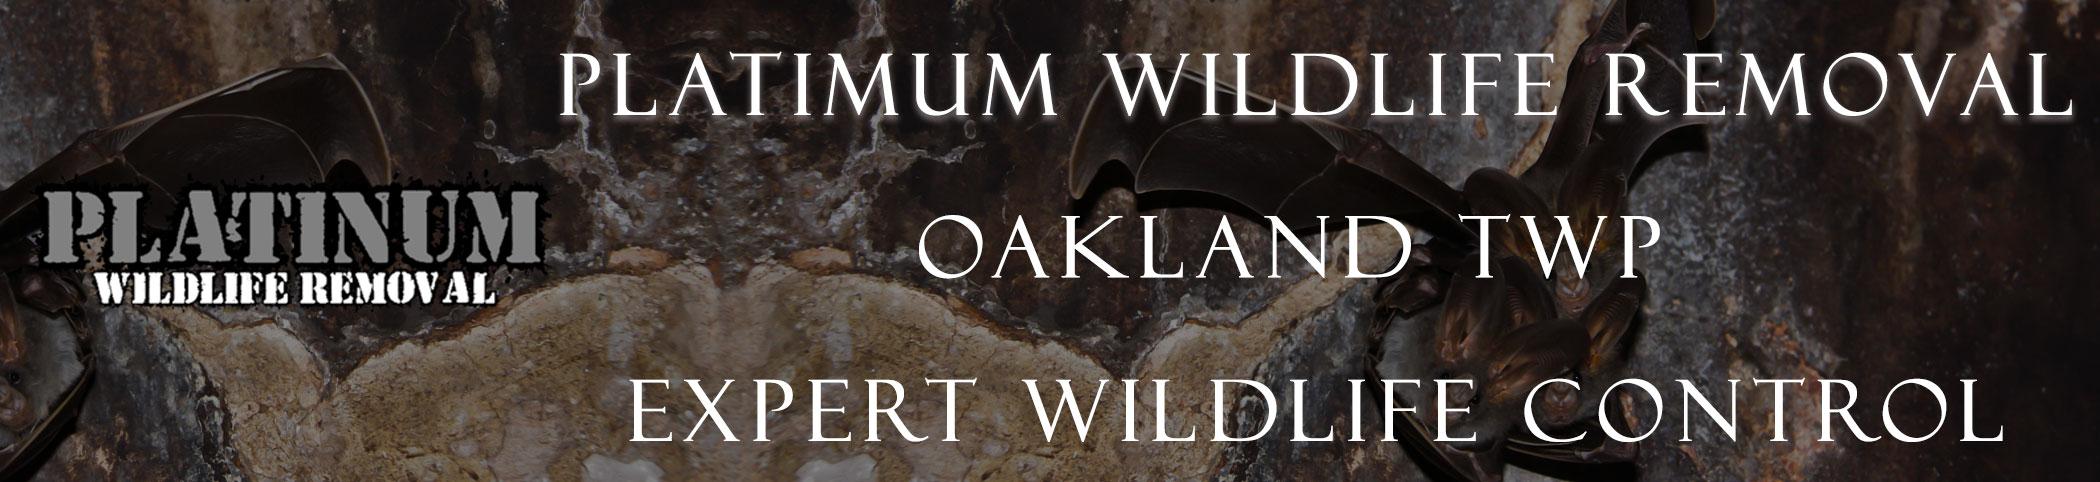 oaklandtwp_michigan header image at bat removal pro